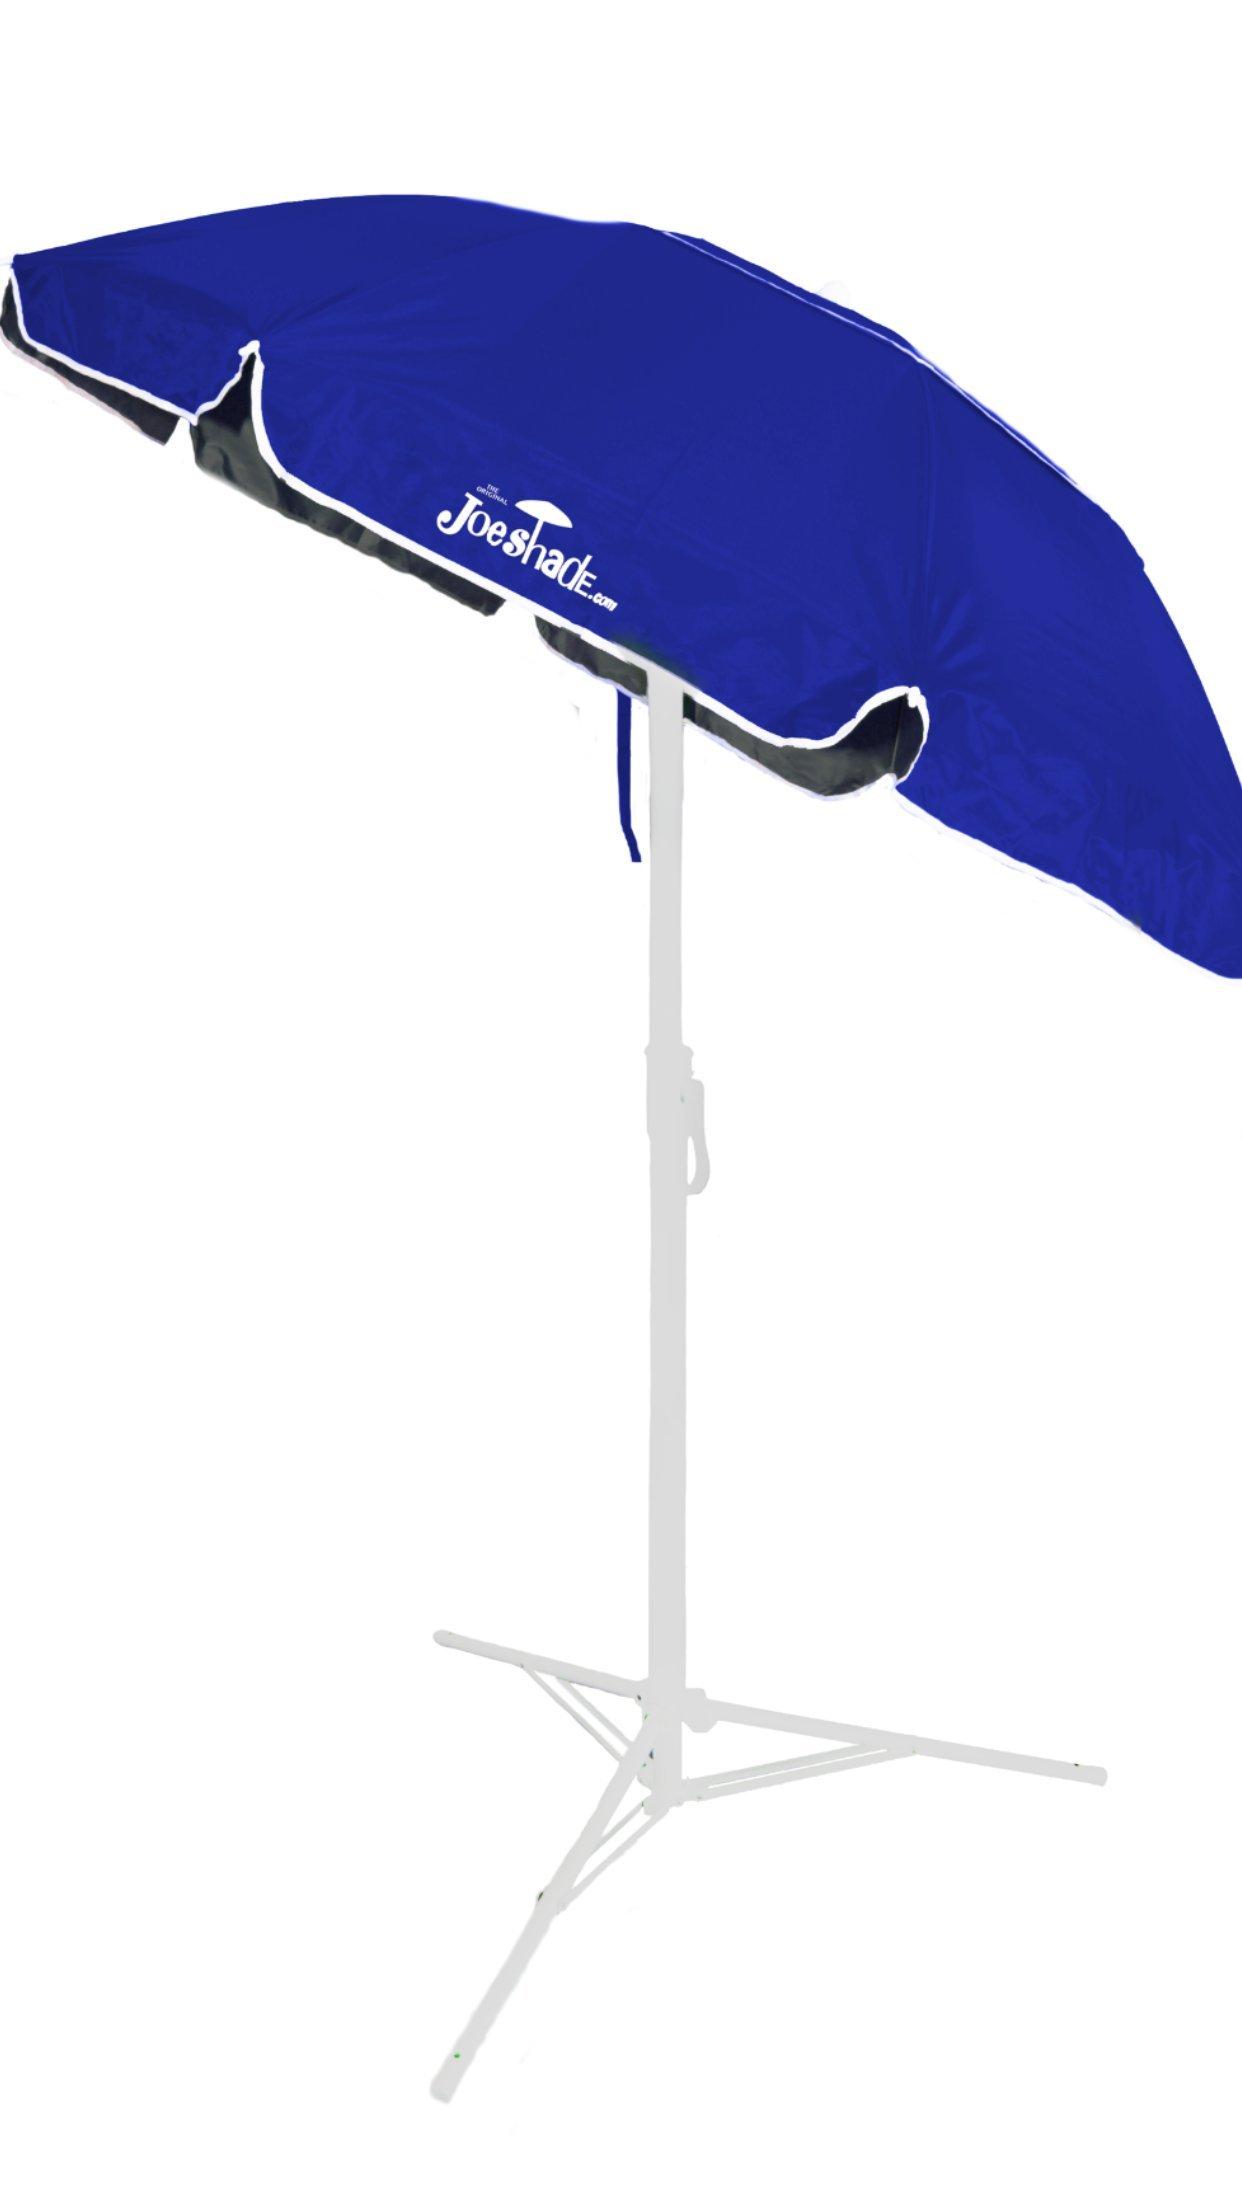 JoeShade, Portable Sun Shade Umbrella, Sunshade Umbrella, Sports Umbrella, BLUE by JoeShade, The Original Portable Sun Shade Umbrella